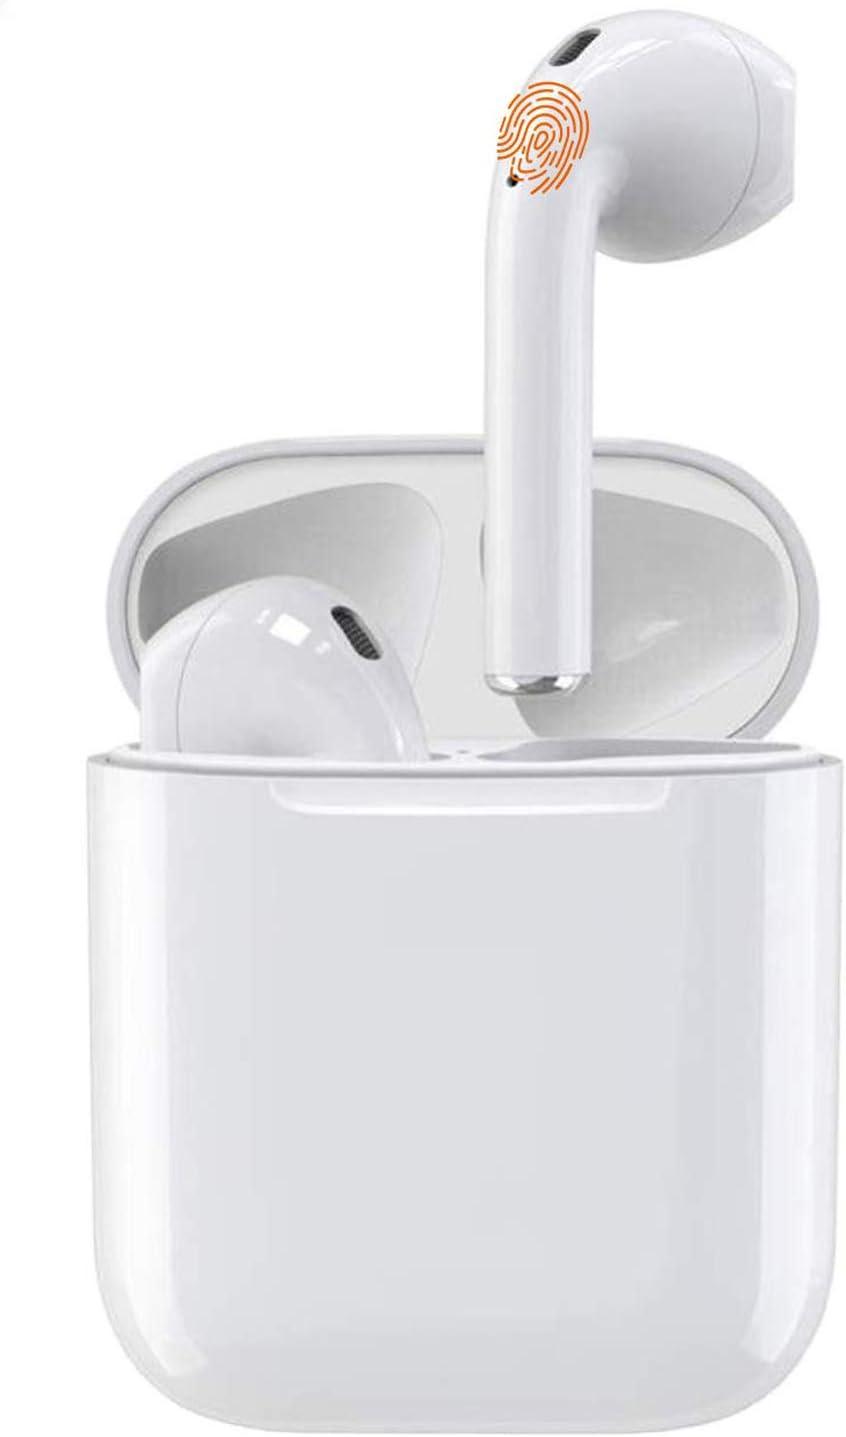 Auriculares Bluetooth 5.0, auriculares con micrófono, estéreo HiFi de graves profundos, con caja de carga portátil [24 h], IPX7 a prueba de agua, adecuado para Android / iPhone / Samsung